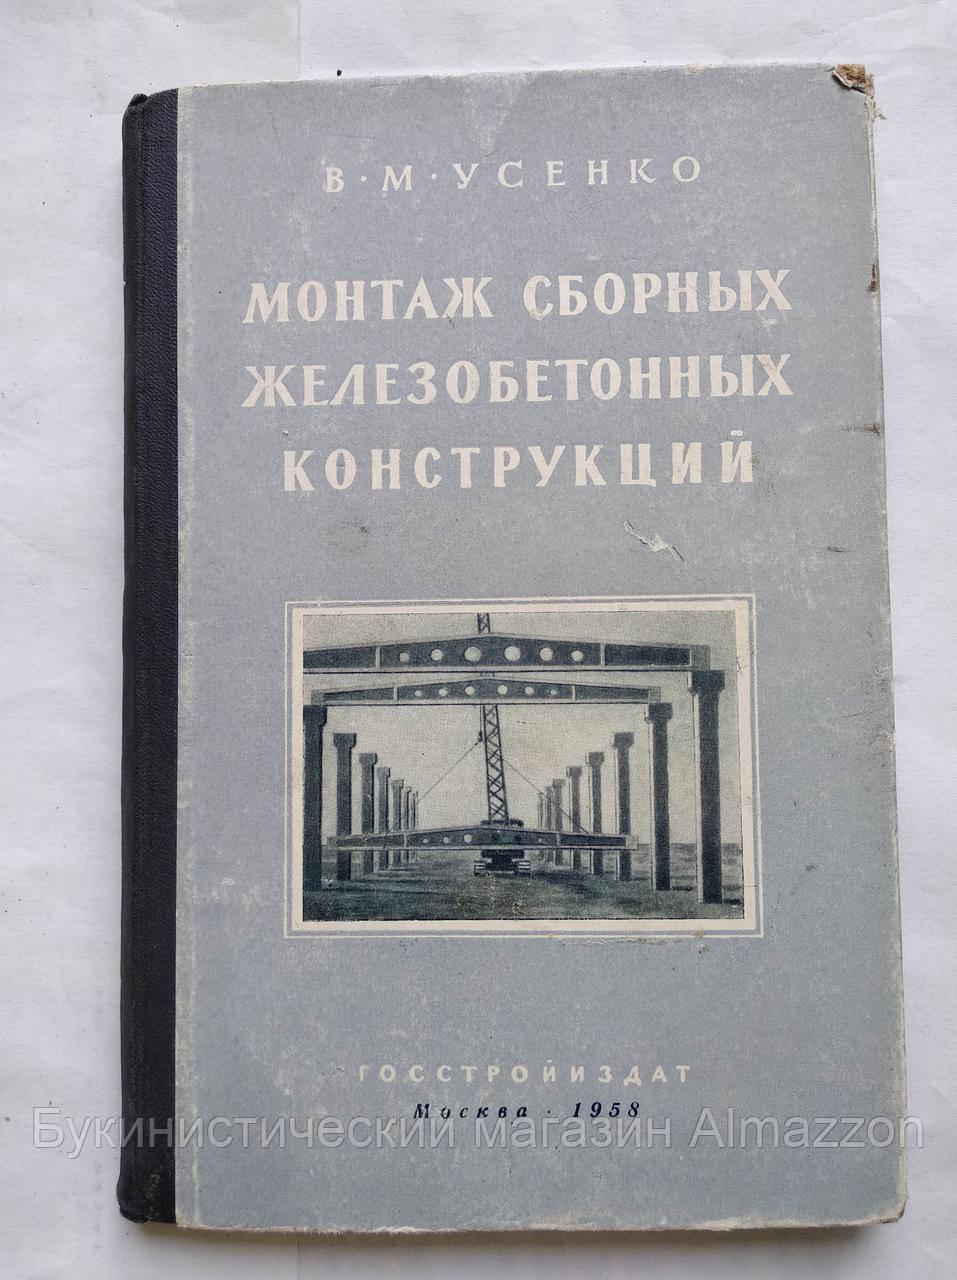 В.Усенко Монтаж сборных железобетонных конструкций. 1958 год. Часть 2-я